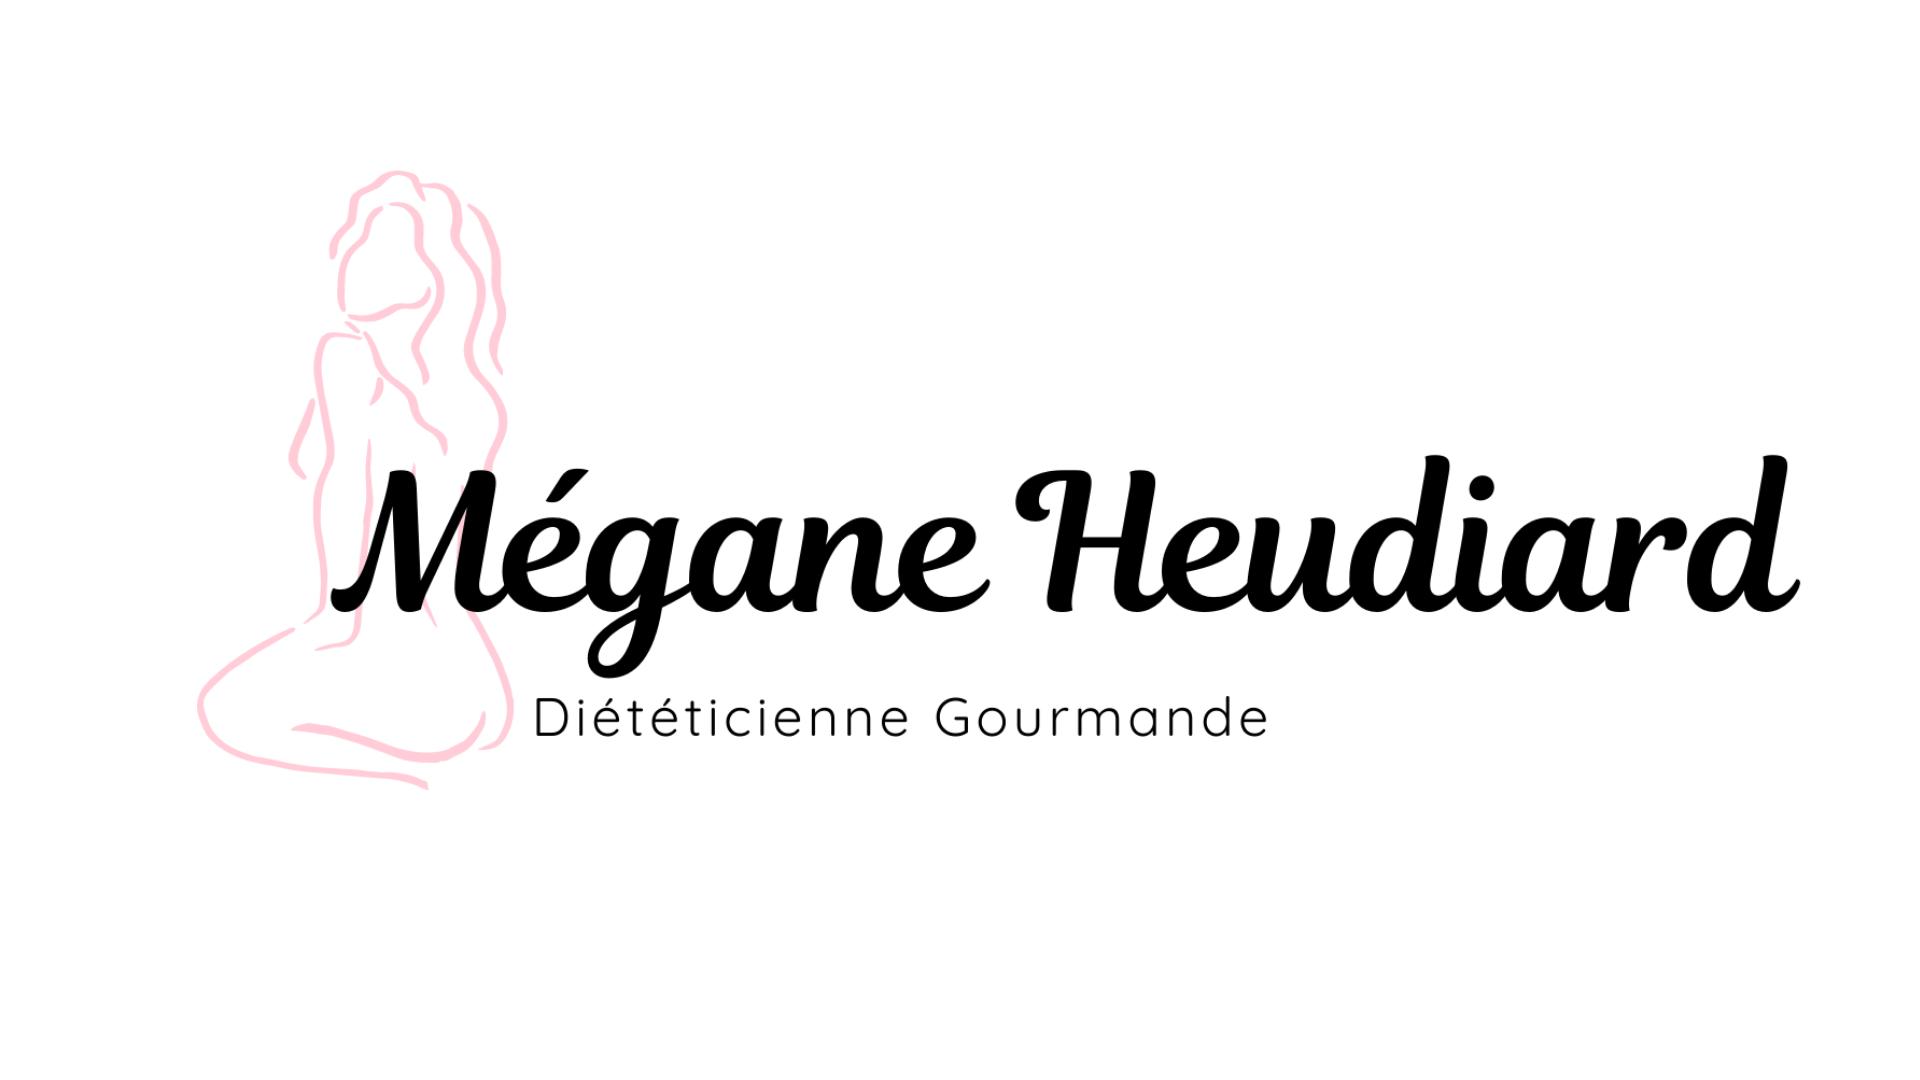 Mégane Heudiard